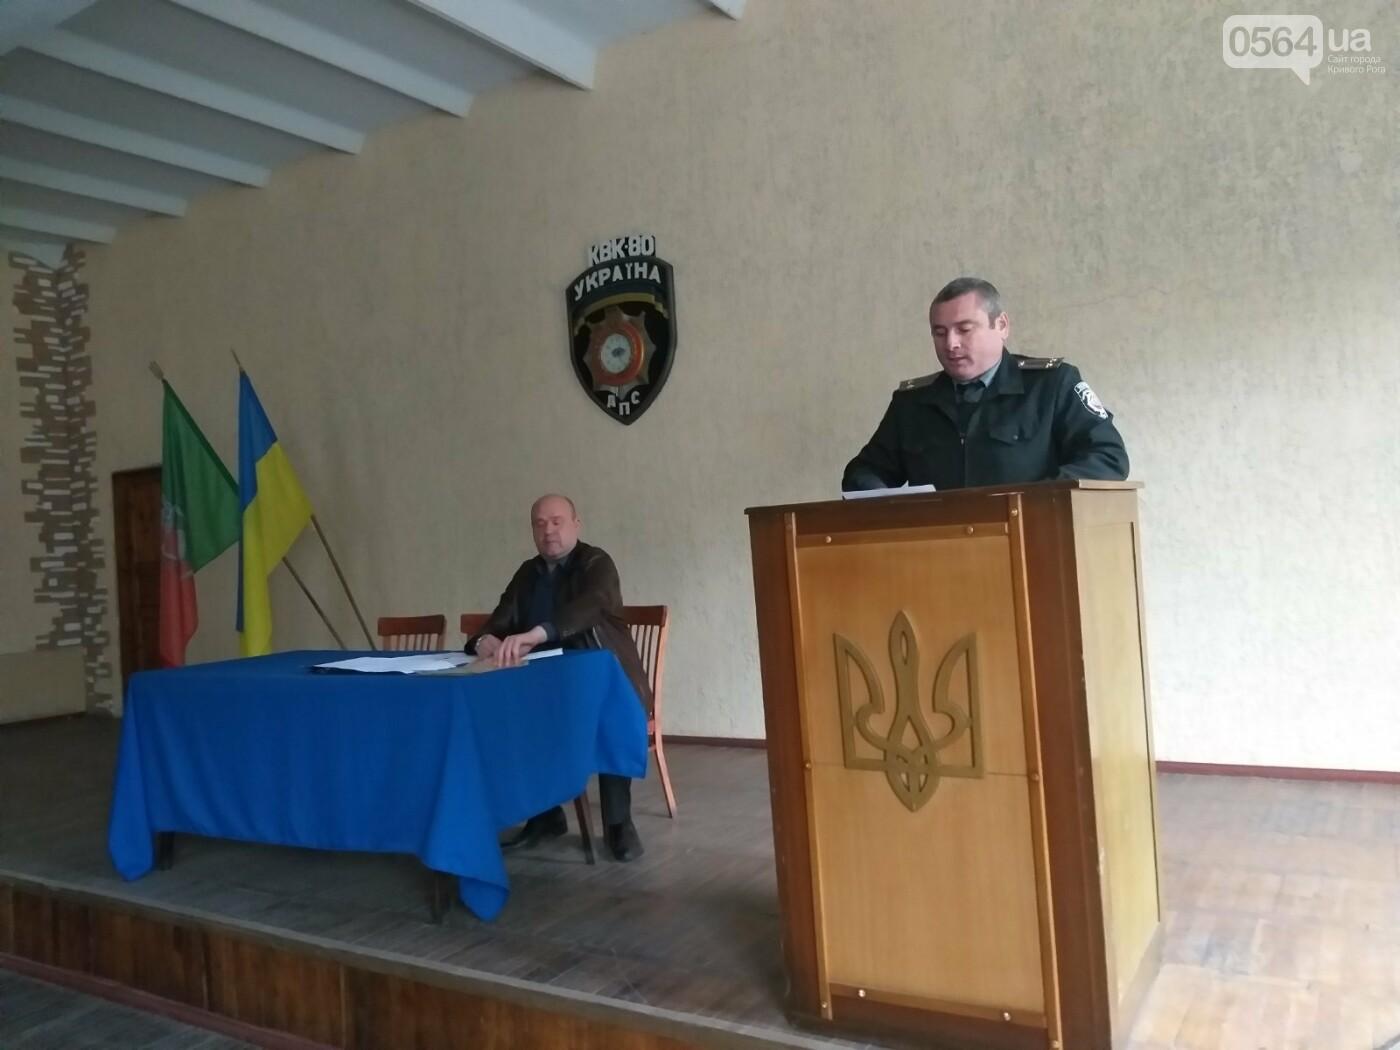 В Криворожской колонии отпраздновали День защитника Украины, - ФОТО , фото-3